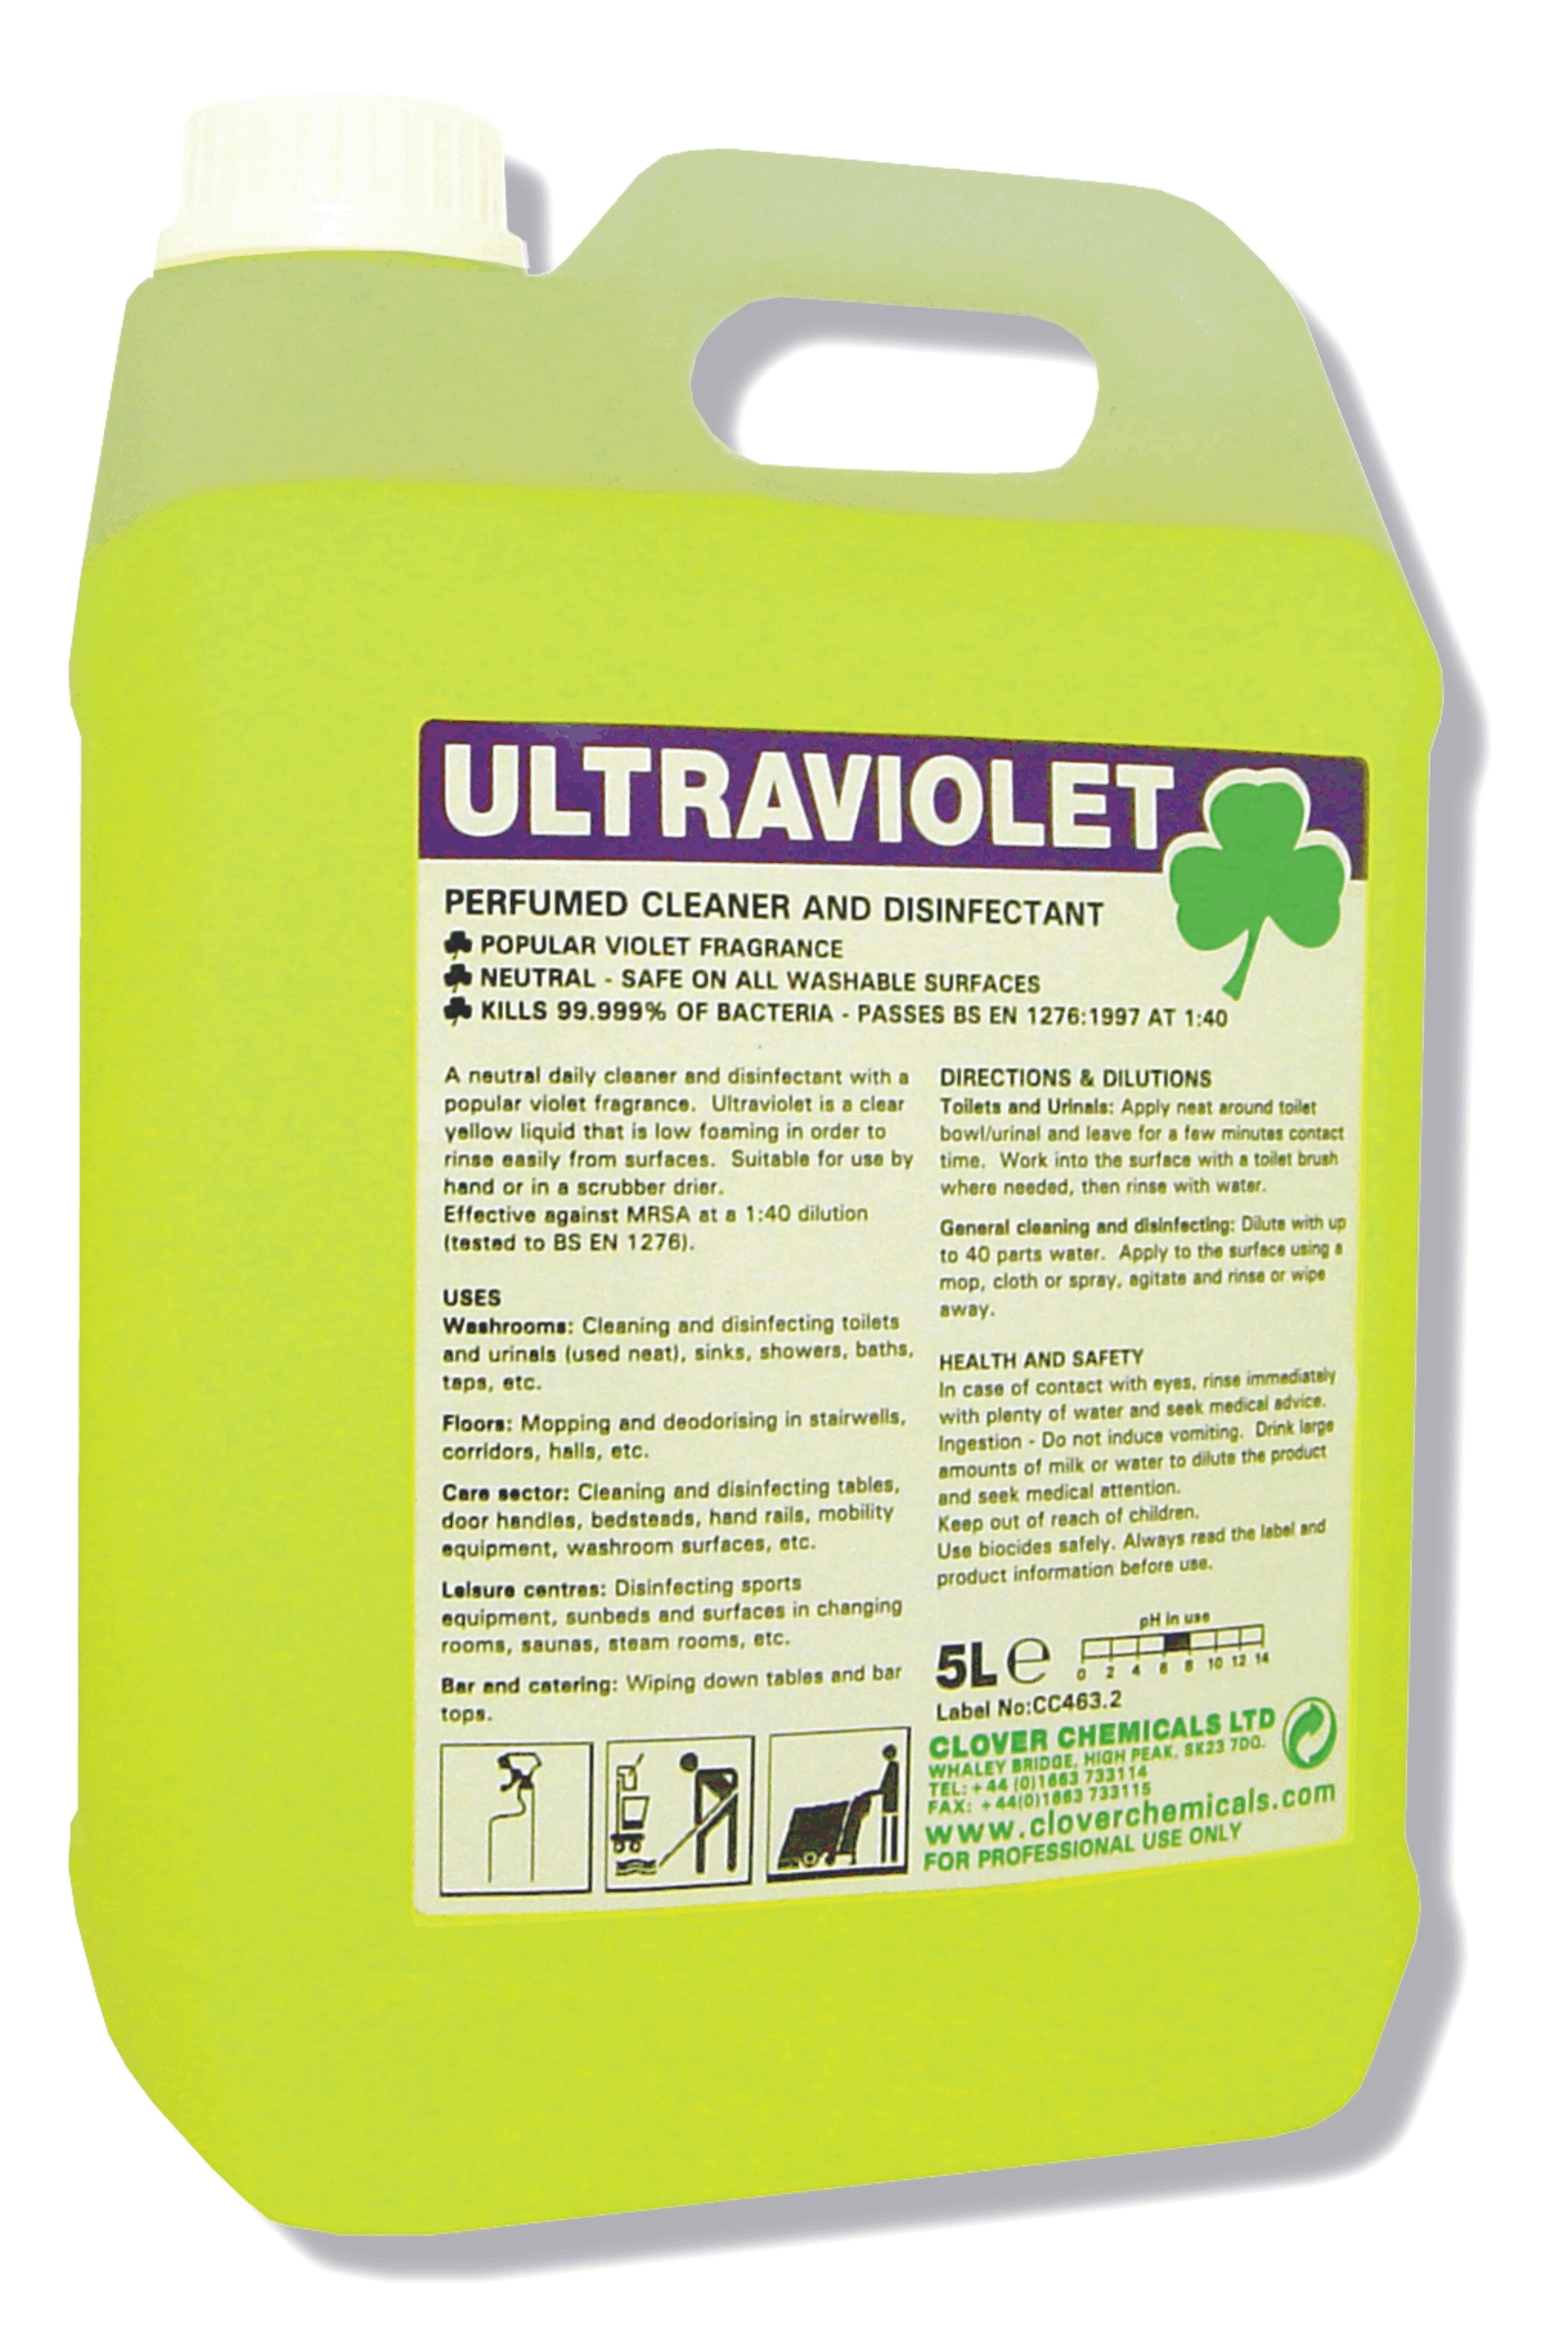 Ultraviolet voorheen